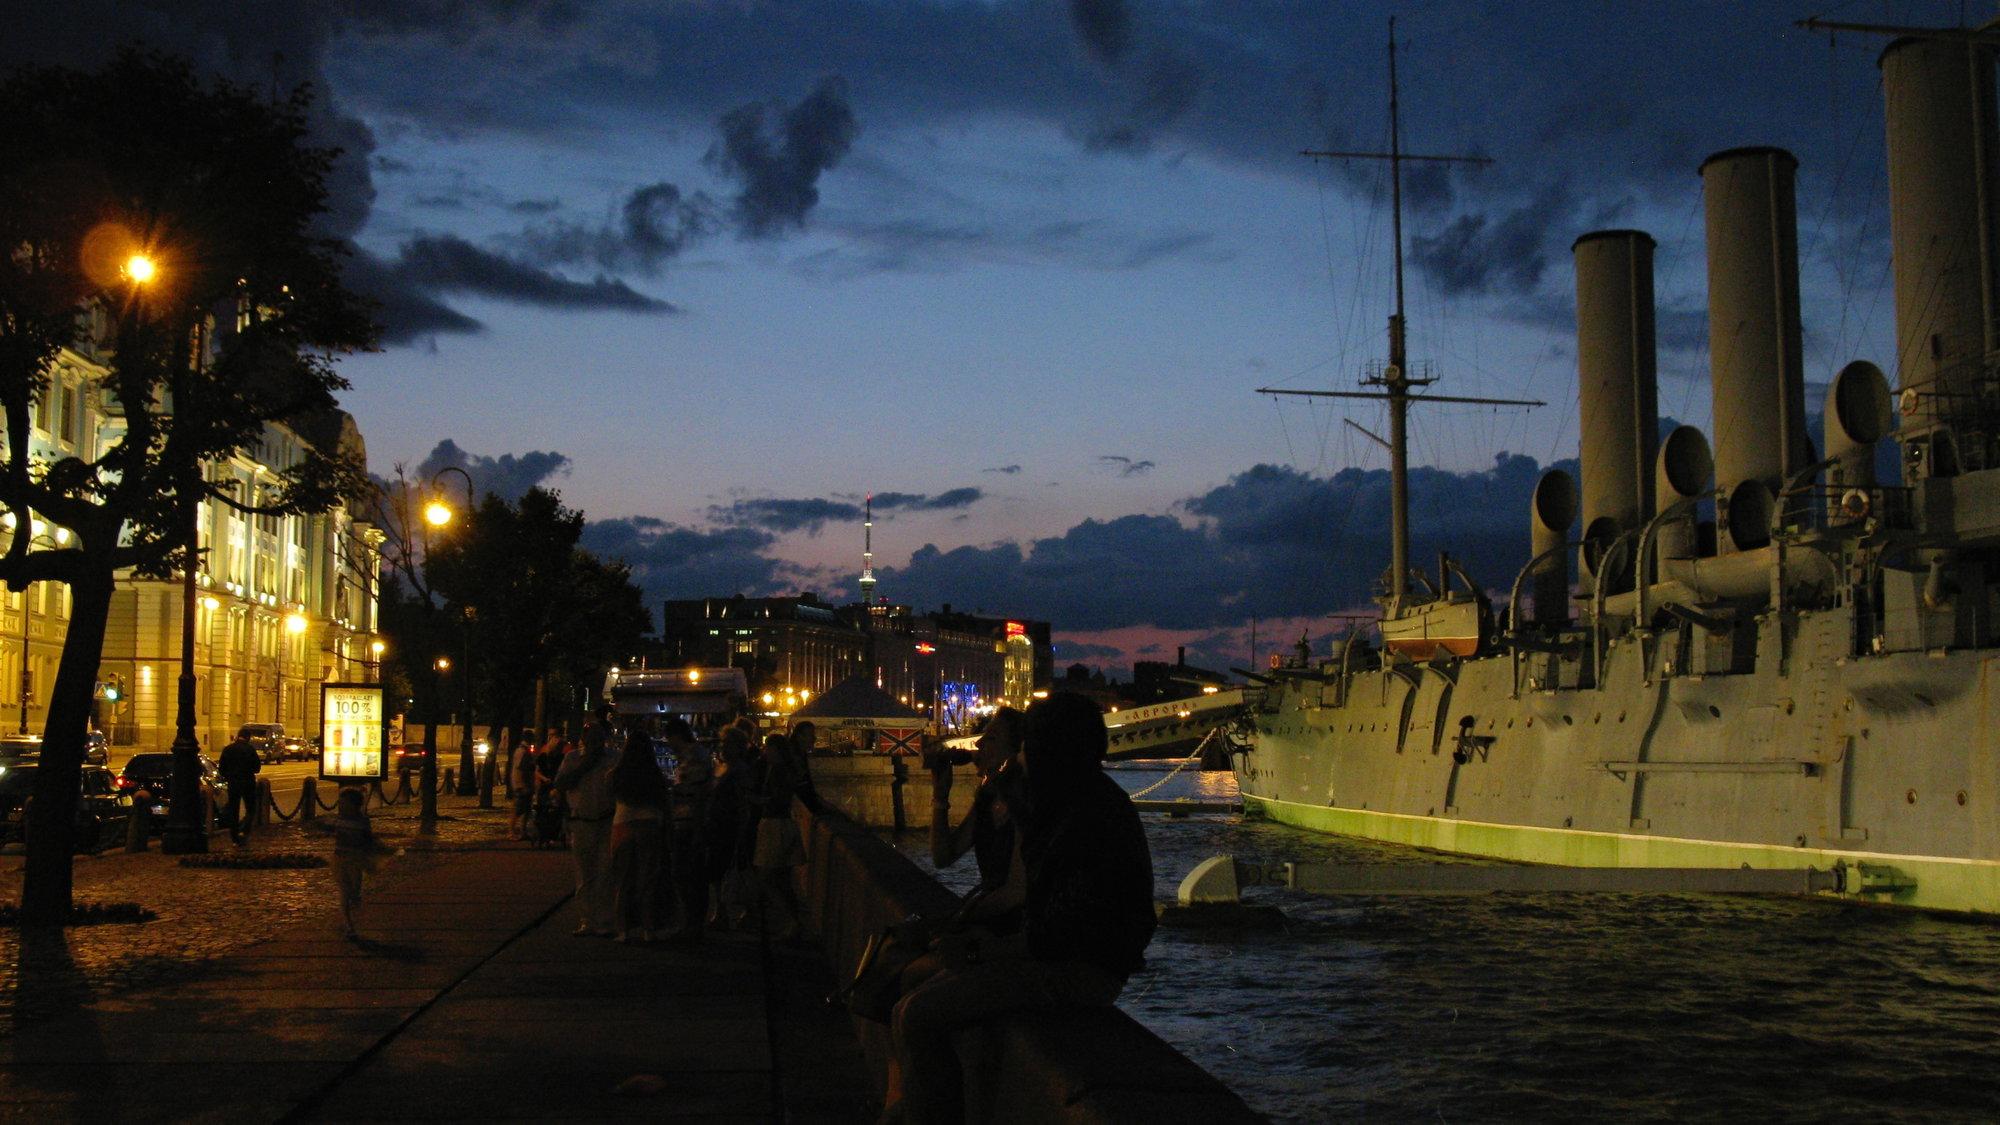 белые ночи в Санкт-Петербурге могут выглядеть также так - в один момент сразу наступают сумерки